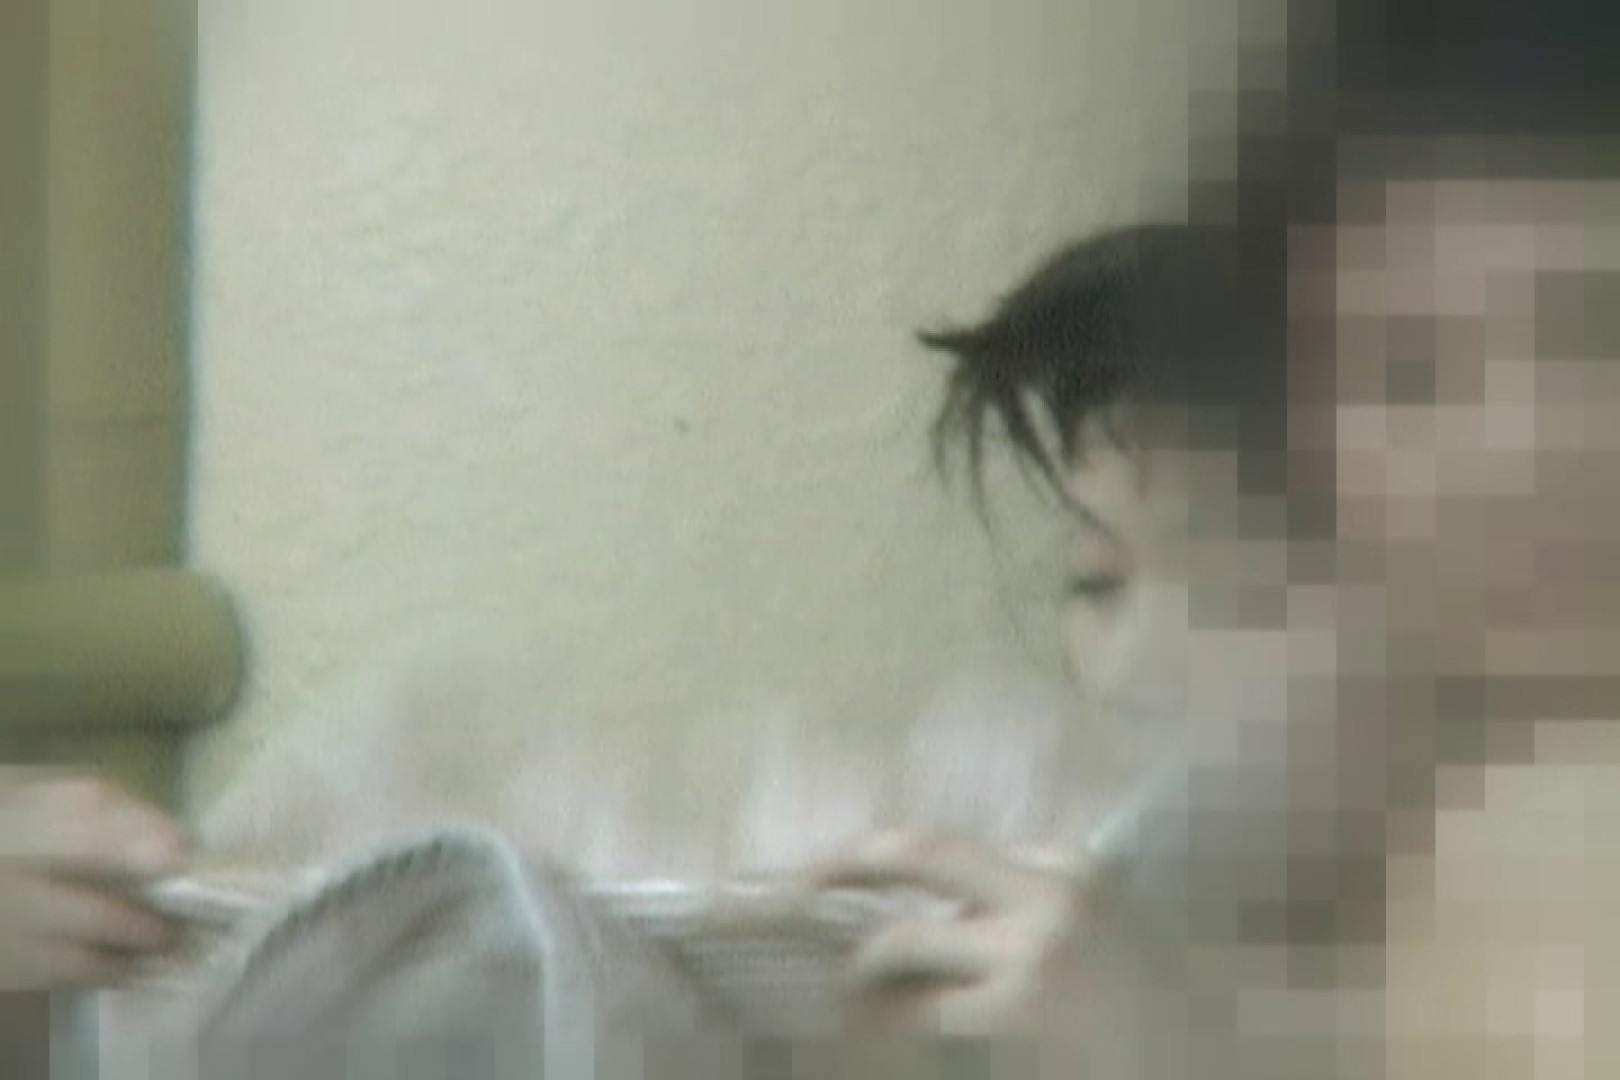 Aquaな露天風呂Vol.856 露天風呂 | 盗撮  74連発 61